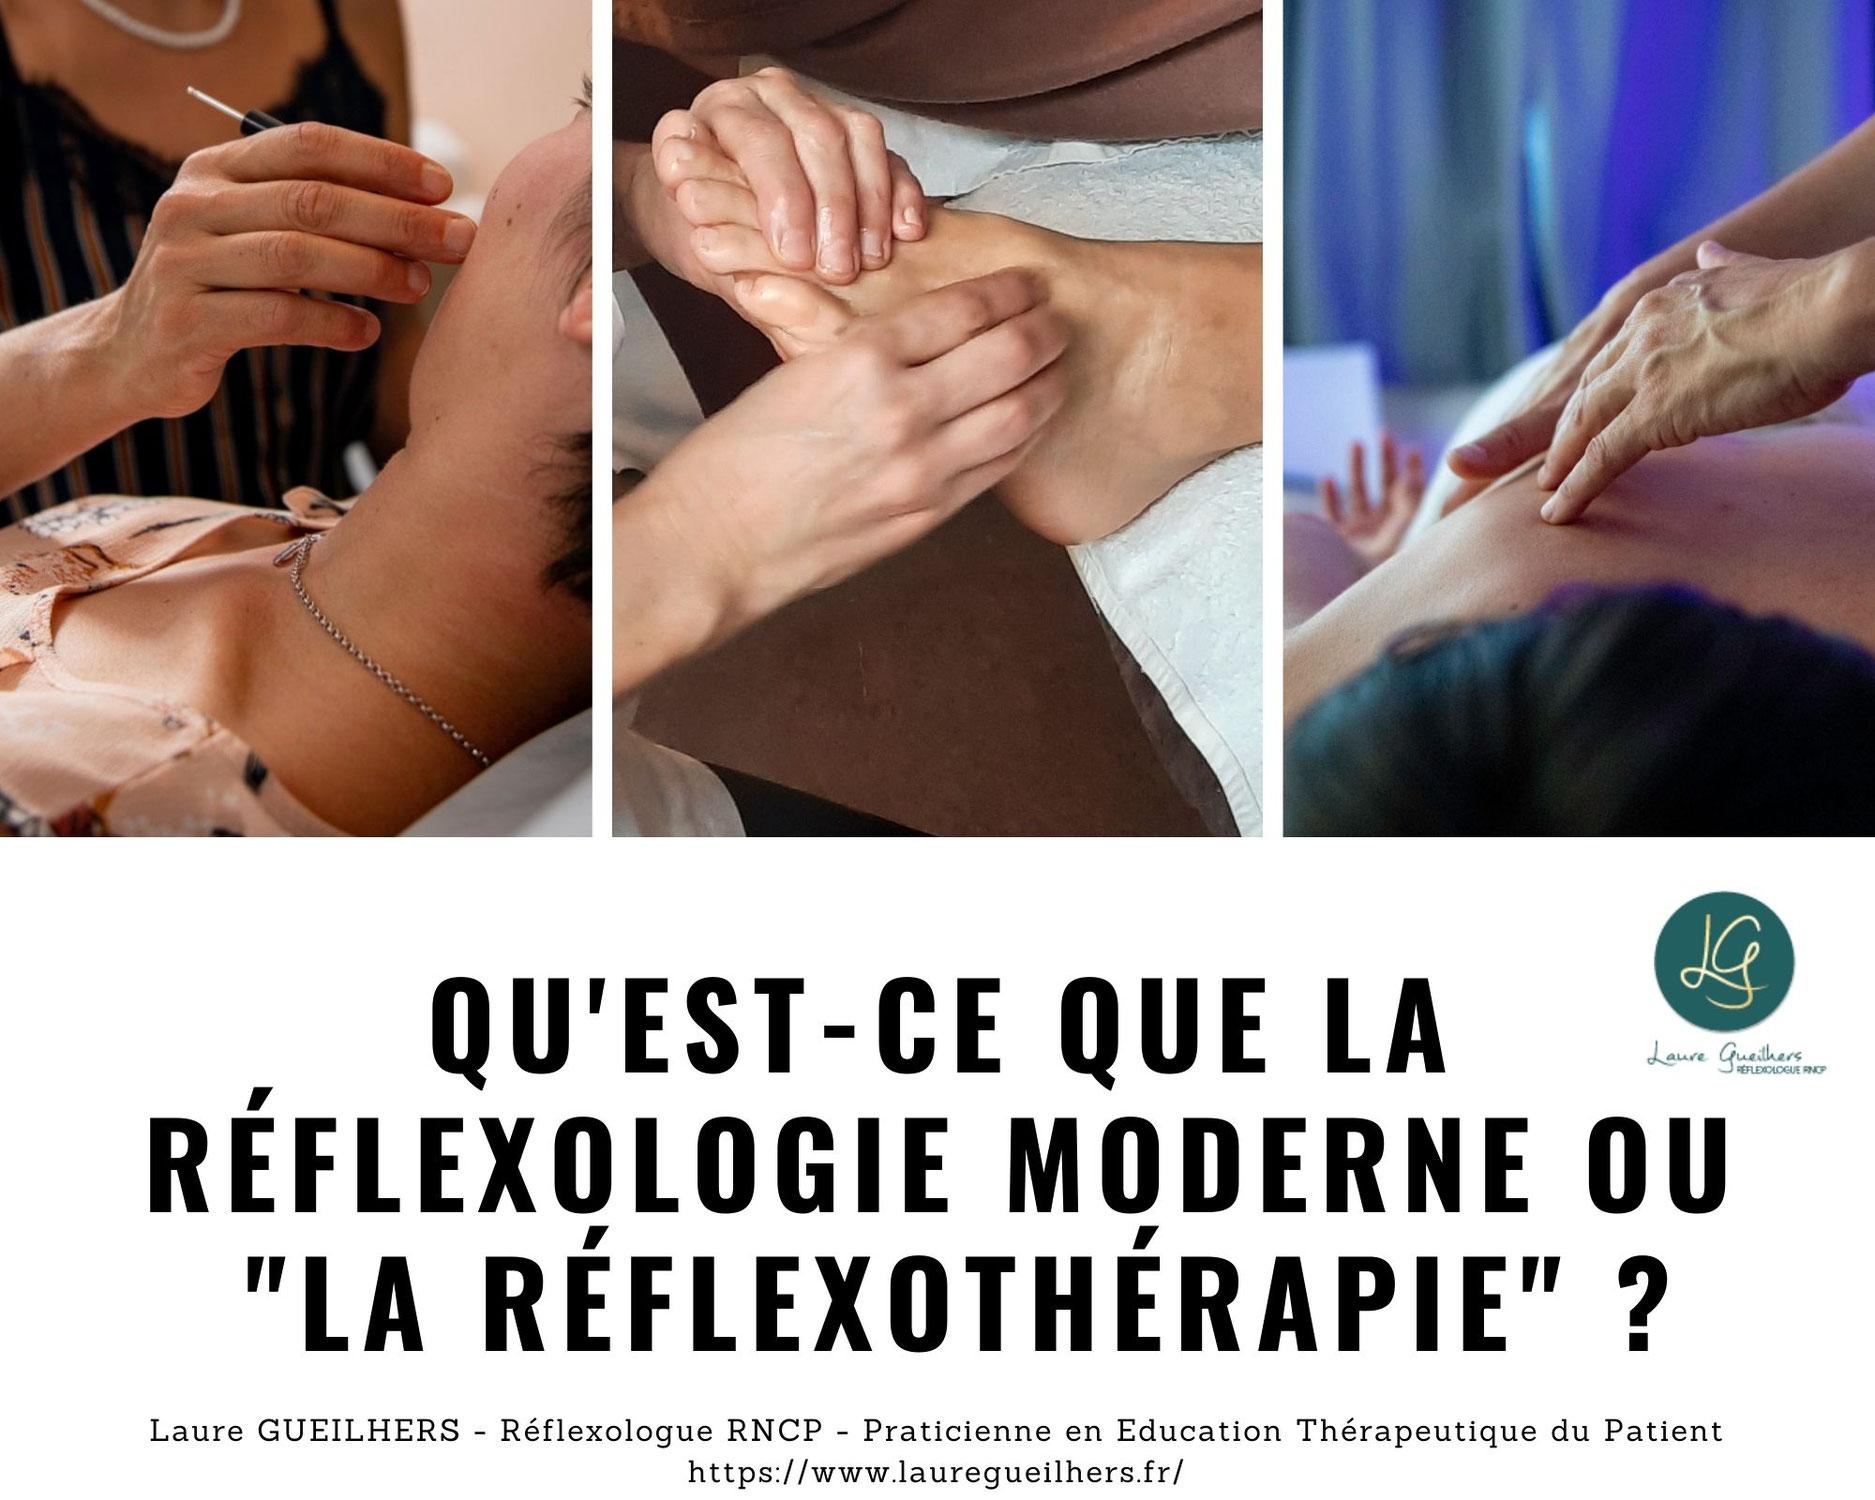 """Qu'est-ce que la réflexologie moderne ou """"la réflexothérapie"""" ?"""